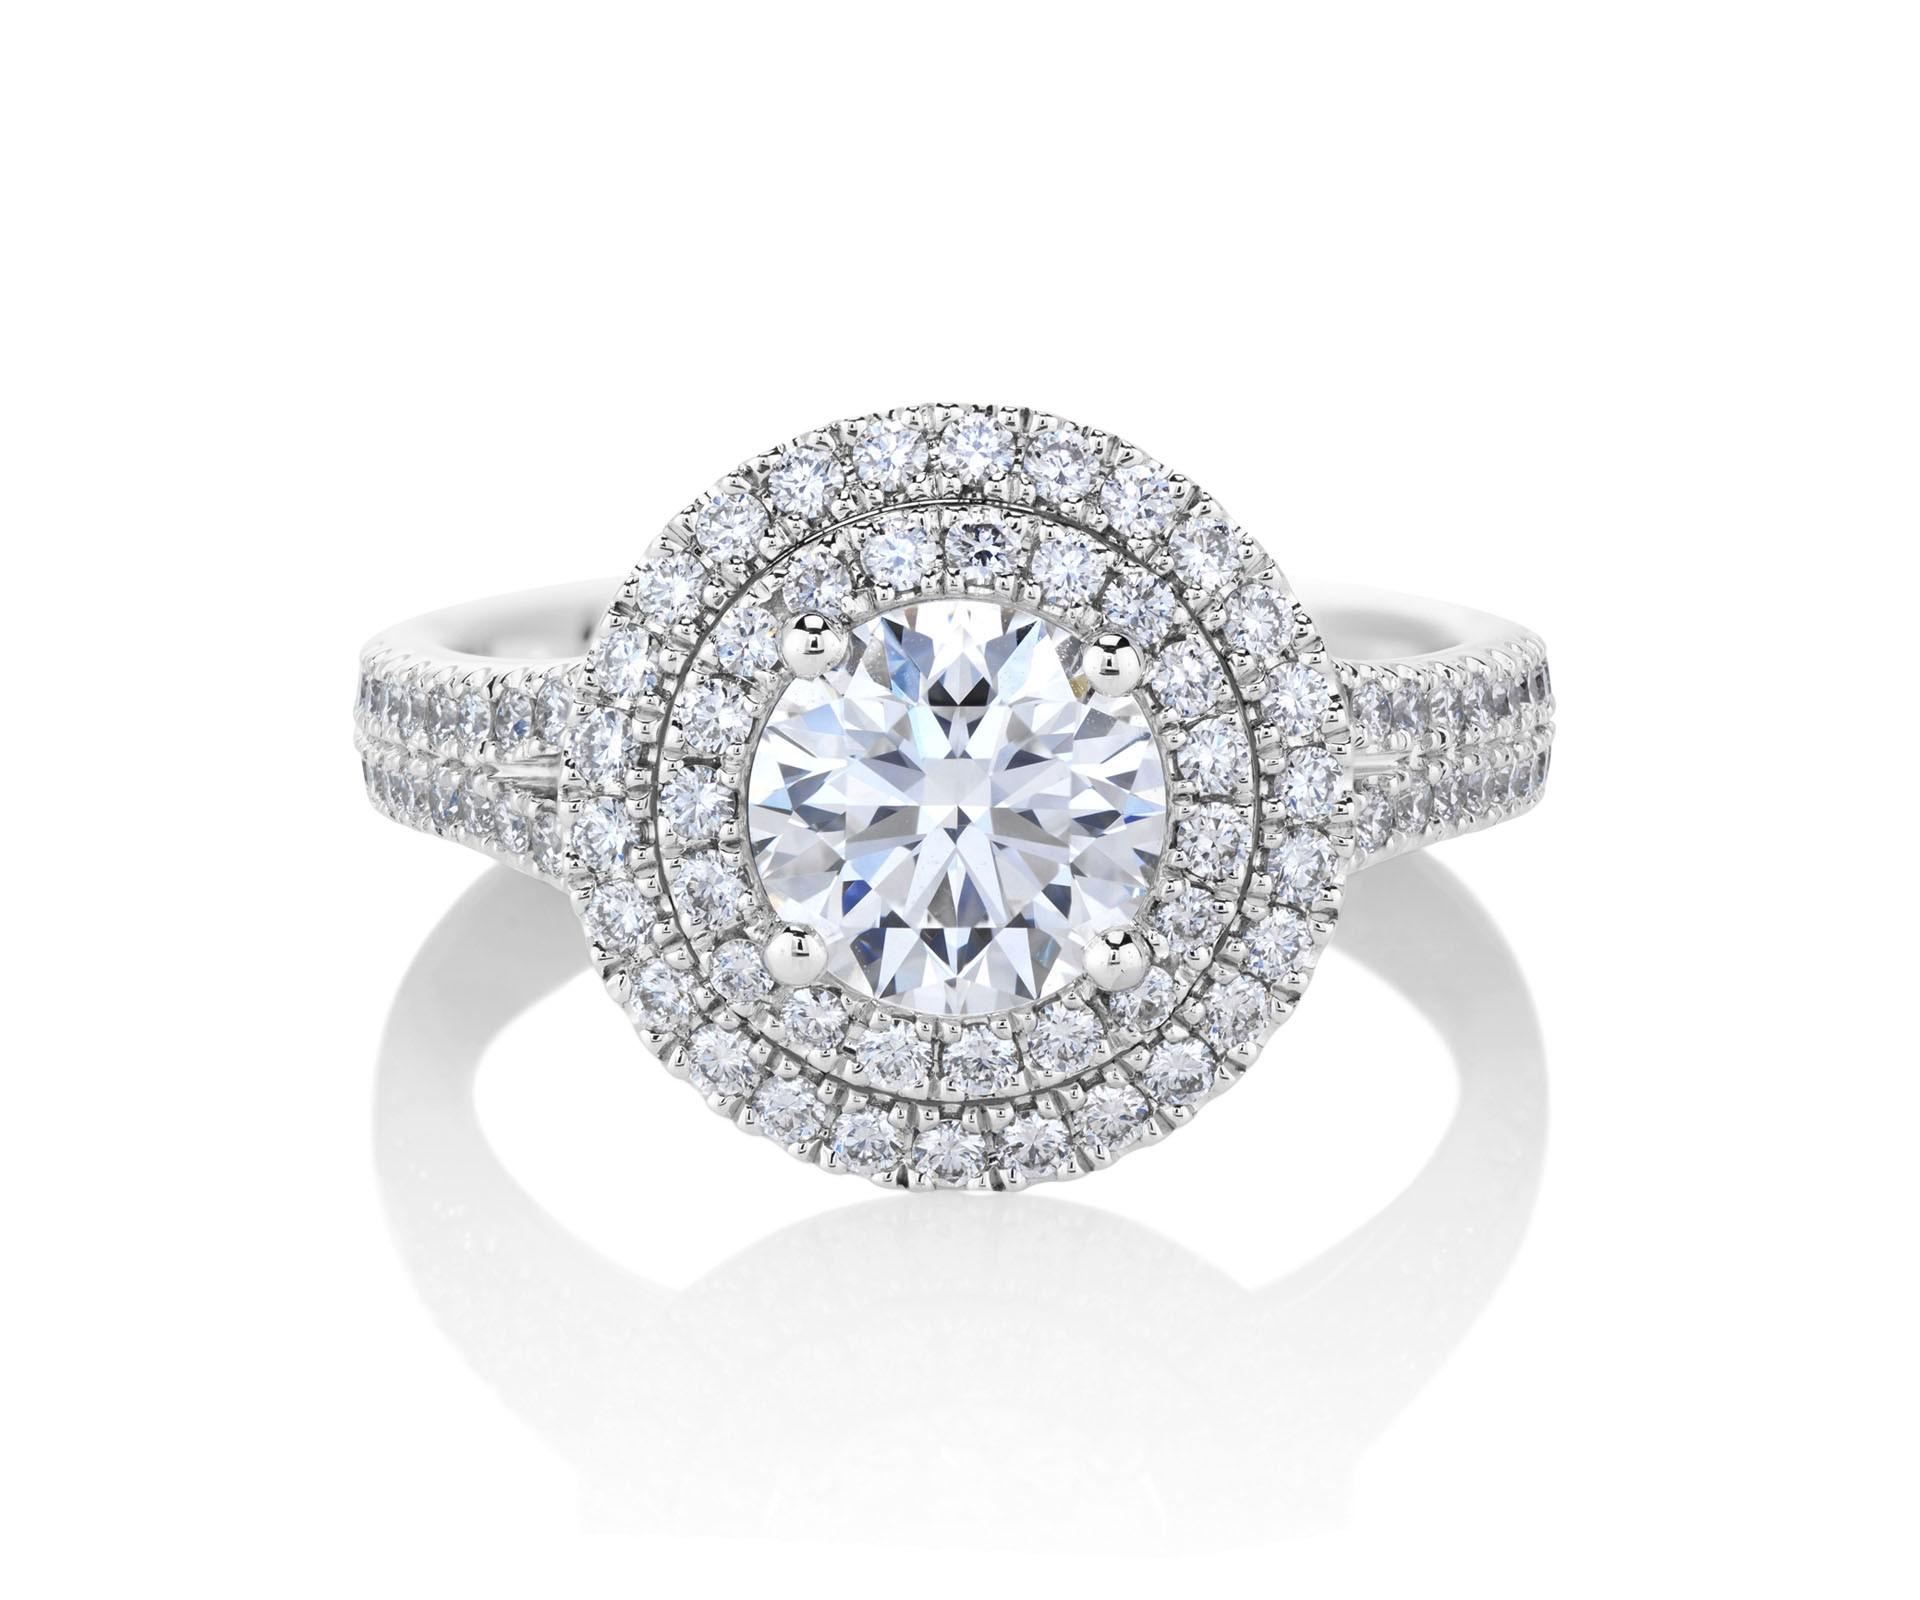 cincin kawin berlian cew tunangan jogja jakarta depok bandung pekalongan semarang jawa tengah